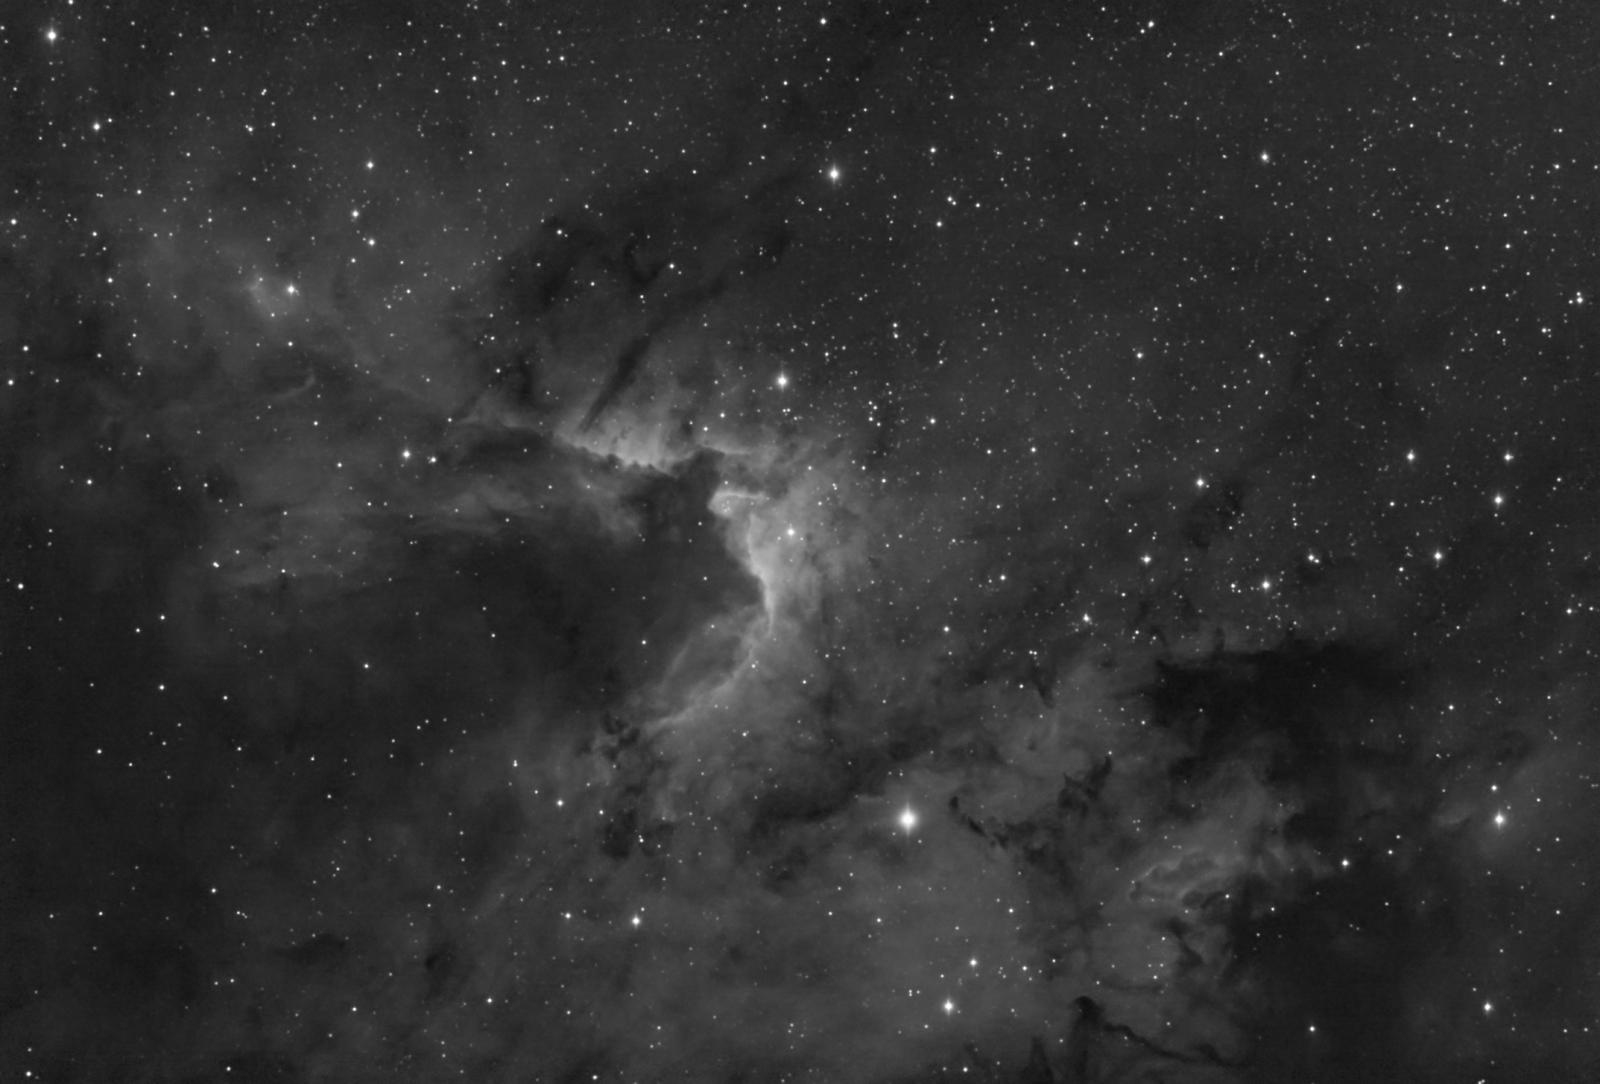 2015 1920x1200 nebula - photo #20